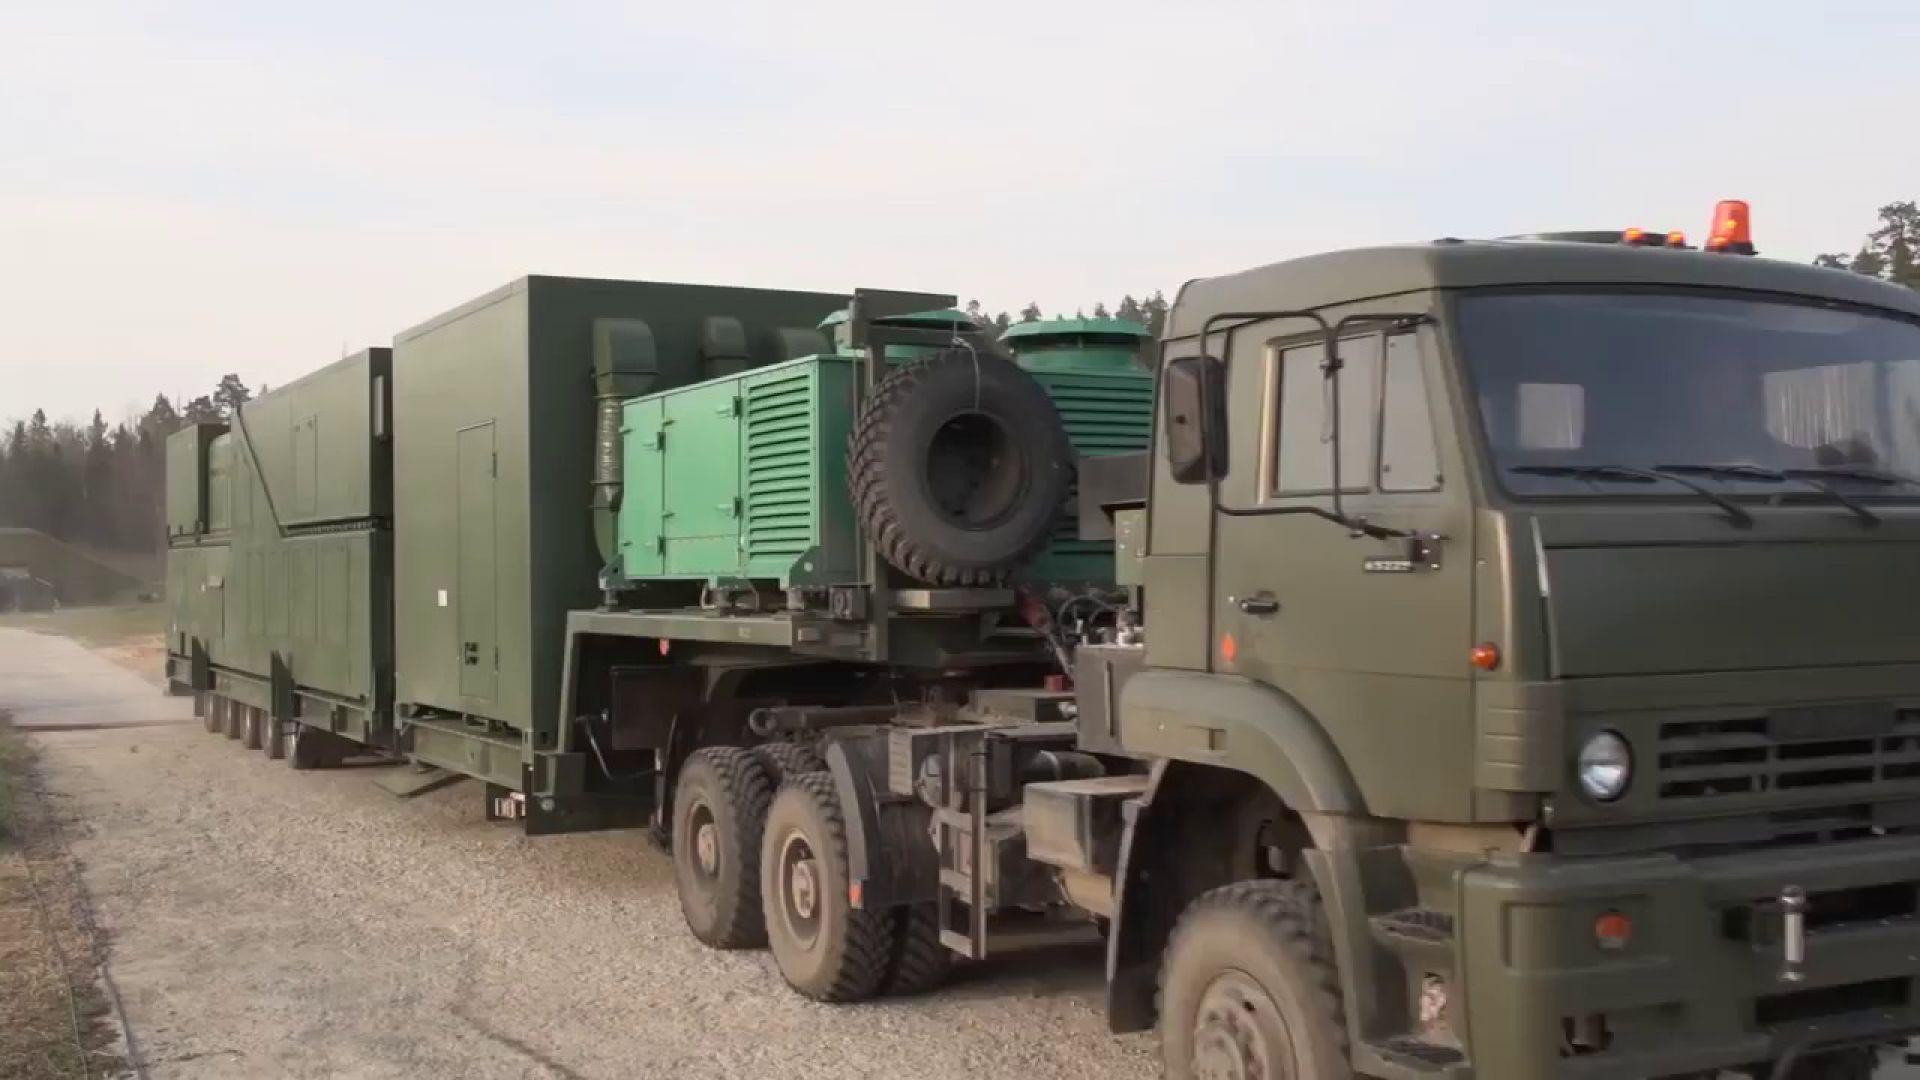 Заснеха руското лазерно супер оръжие на влак